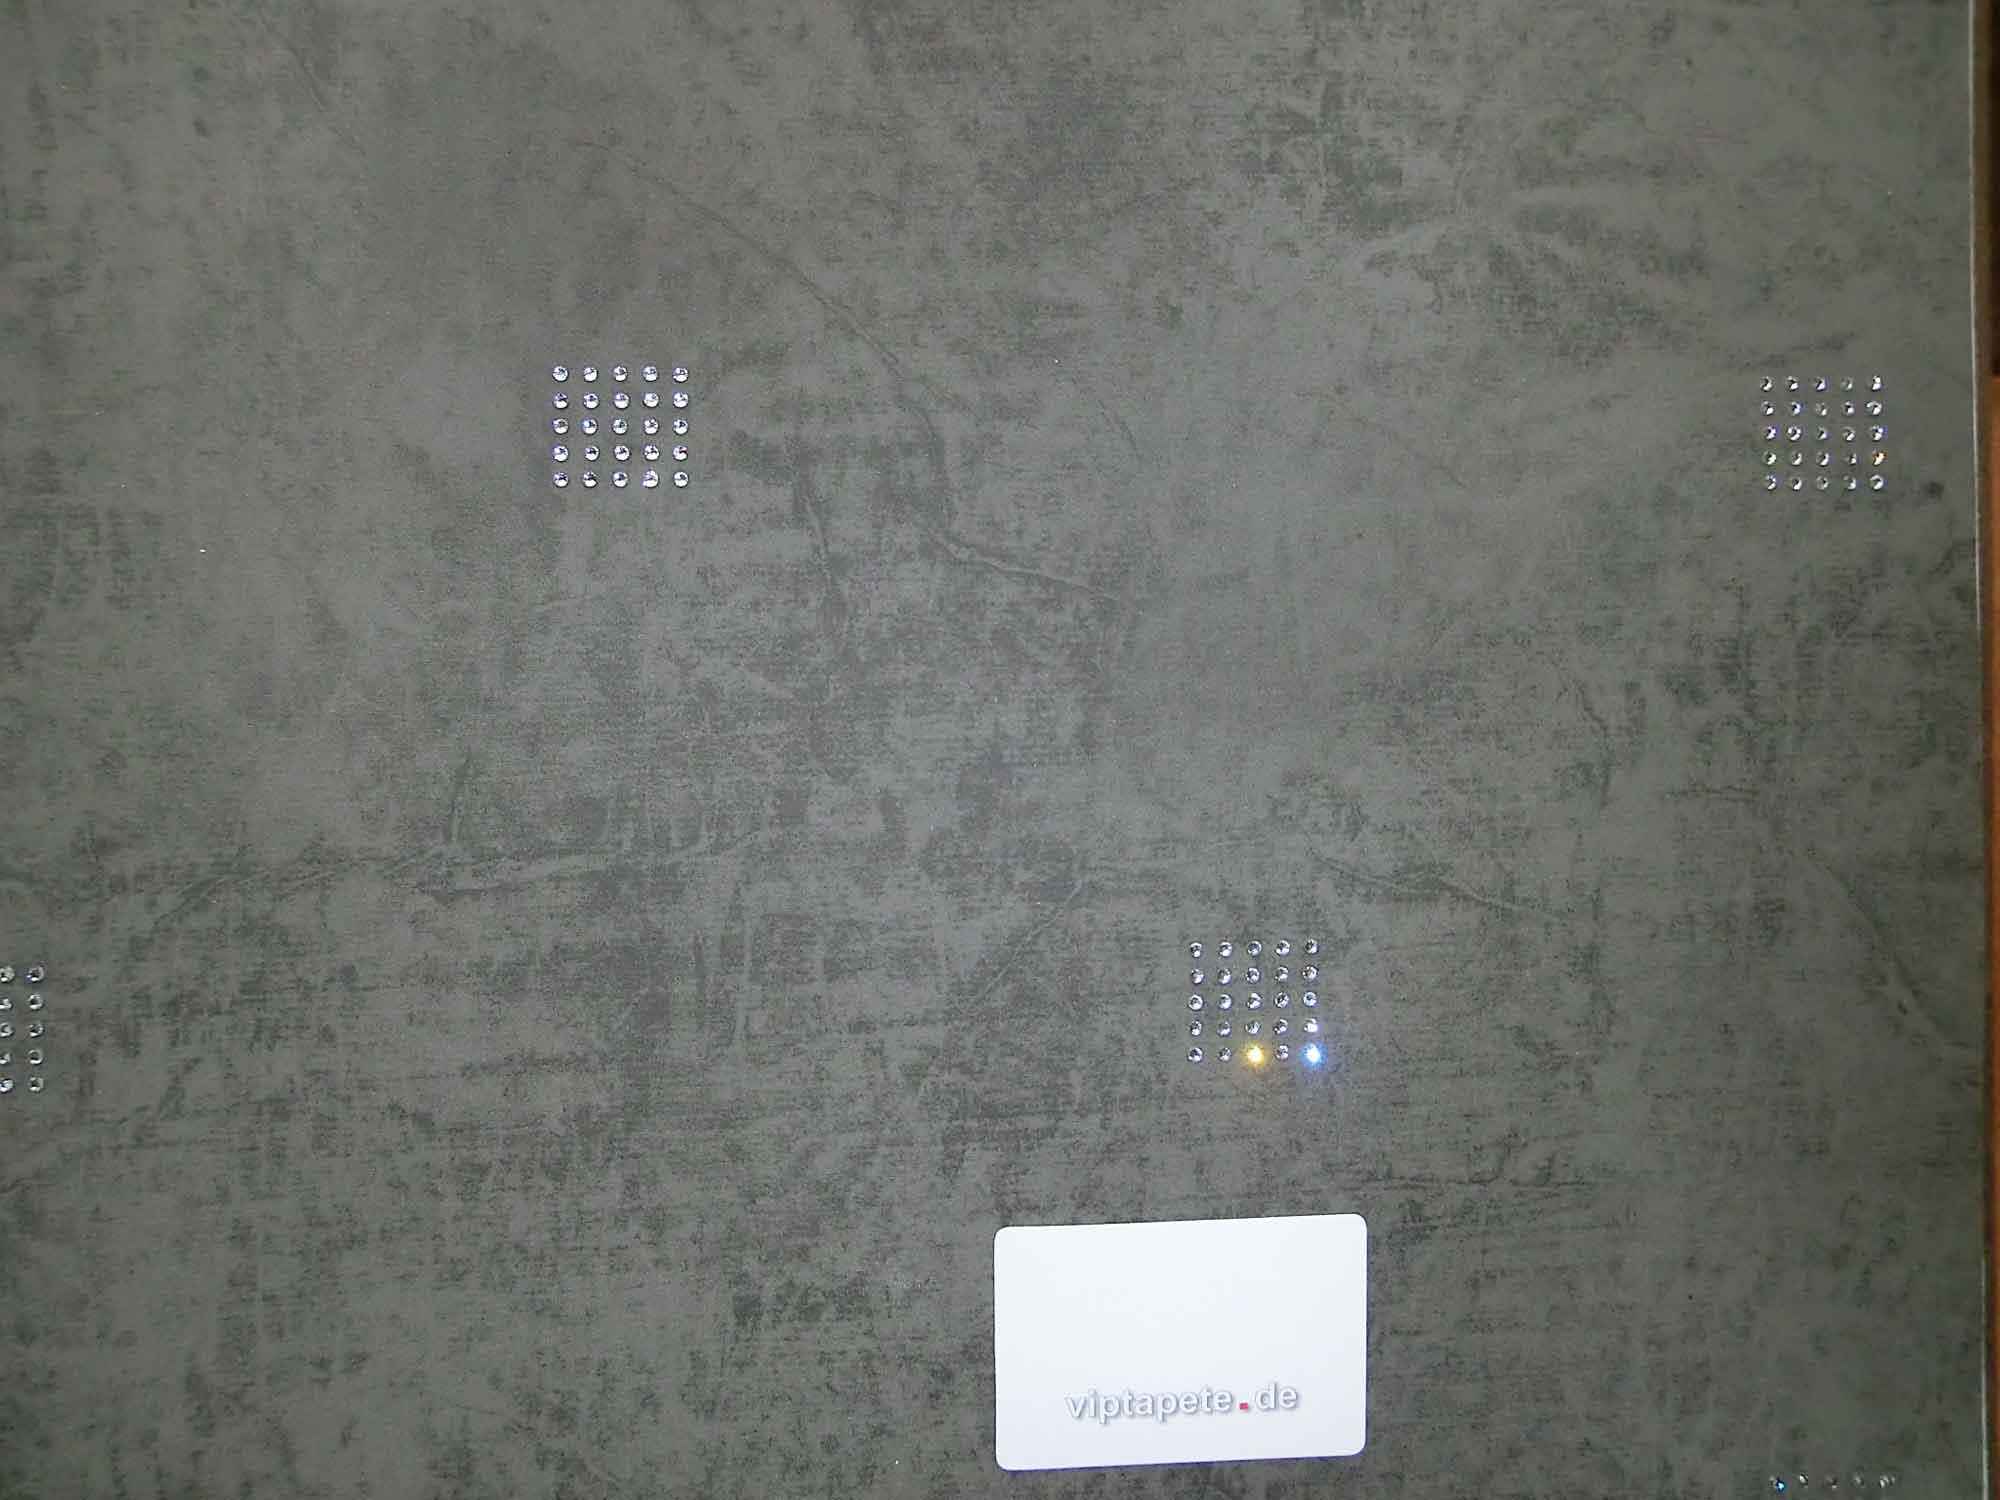 tapete gnstig gallery of with tapete online kaufen gnstig. Black Bedroom Furniture Sets. Home Design Ideas